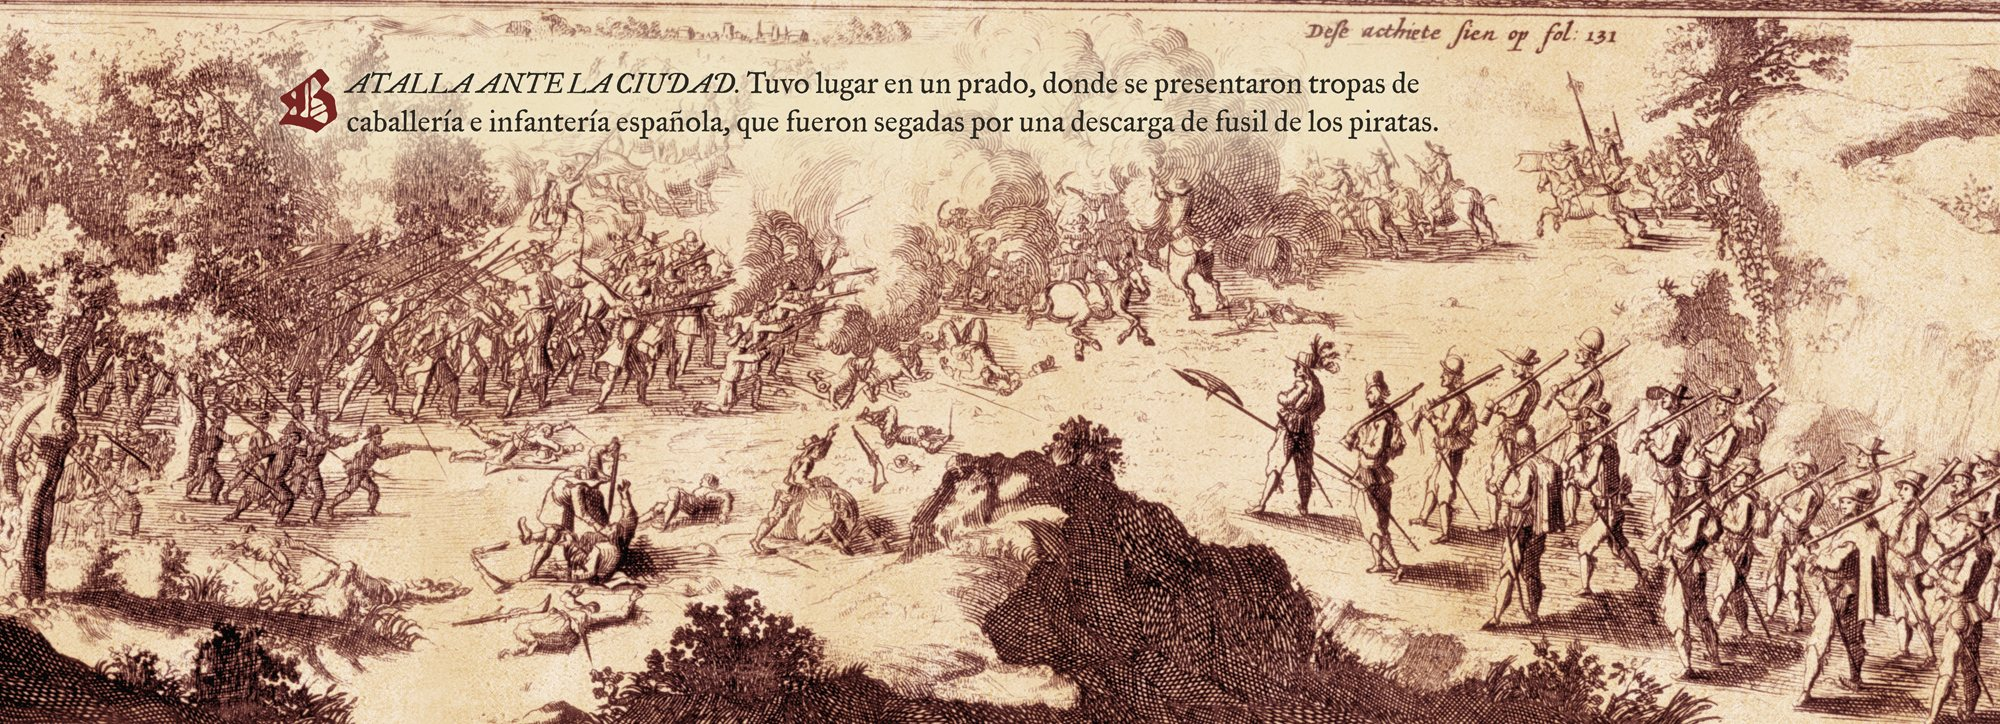 Batalla ante la ciudad